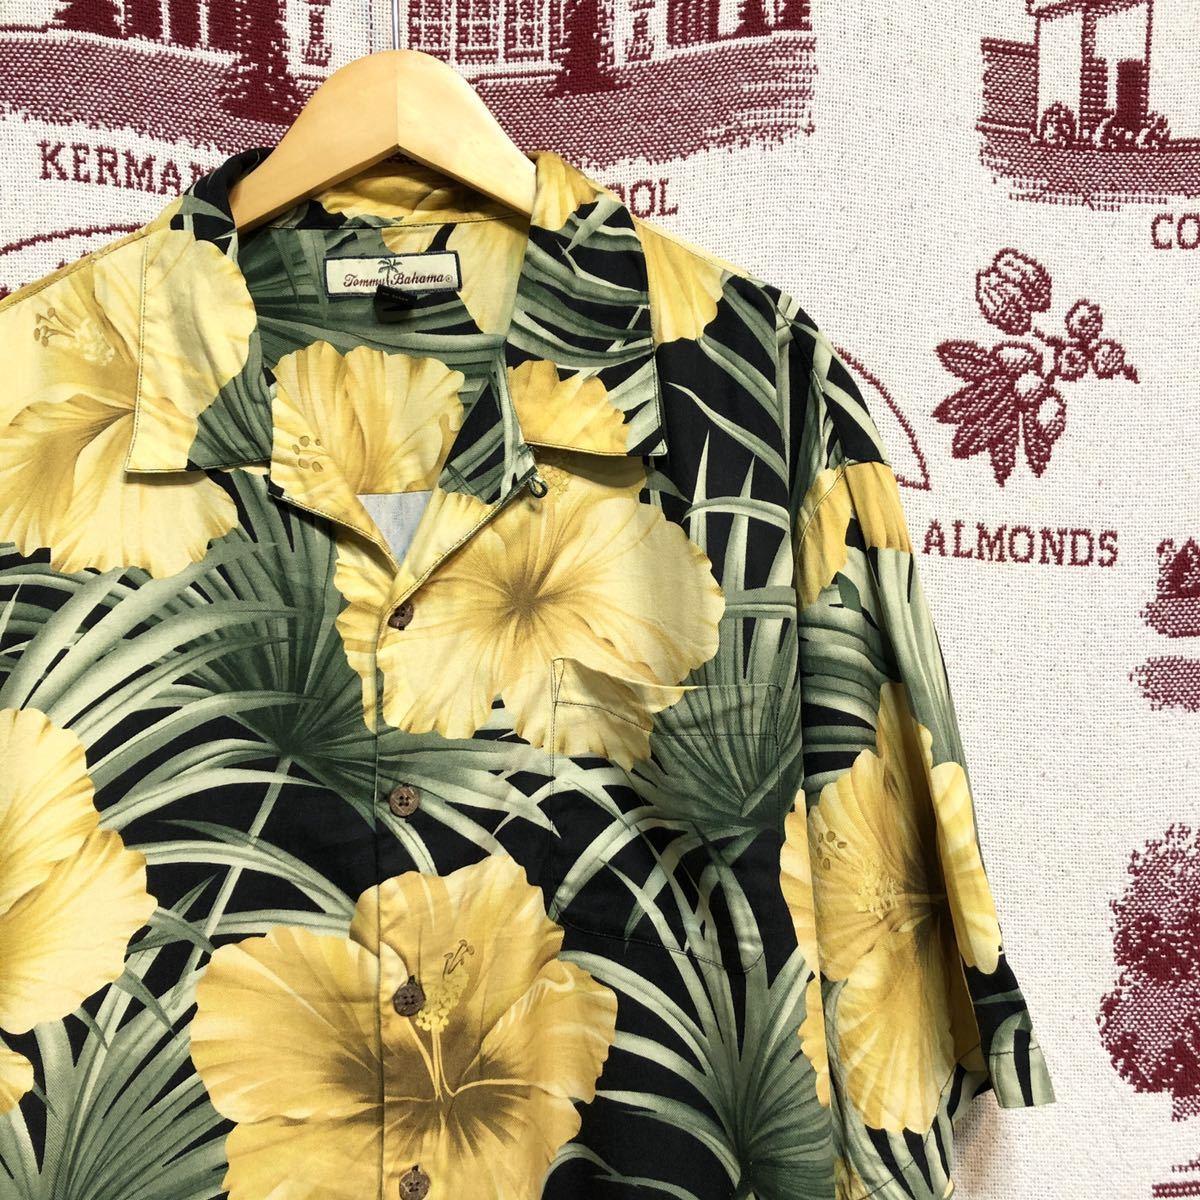 アメリカ古着 アロハシャツ 総柄 ハイビスカス 半袖 ビックシルエット オーバーサイズ ゆるだぼ シルク100%